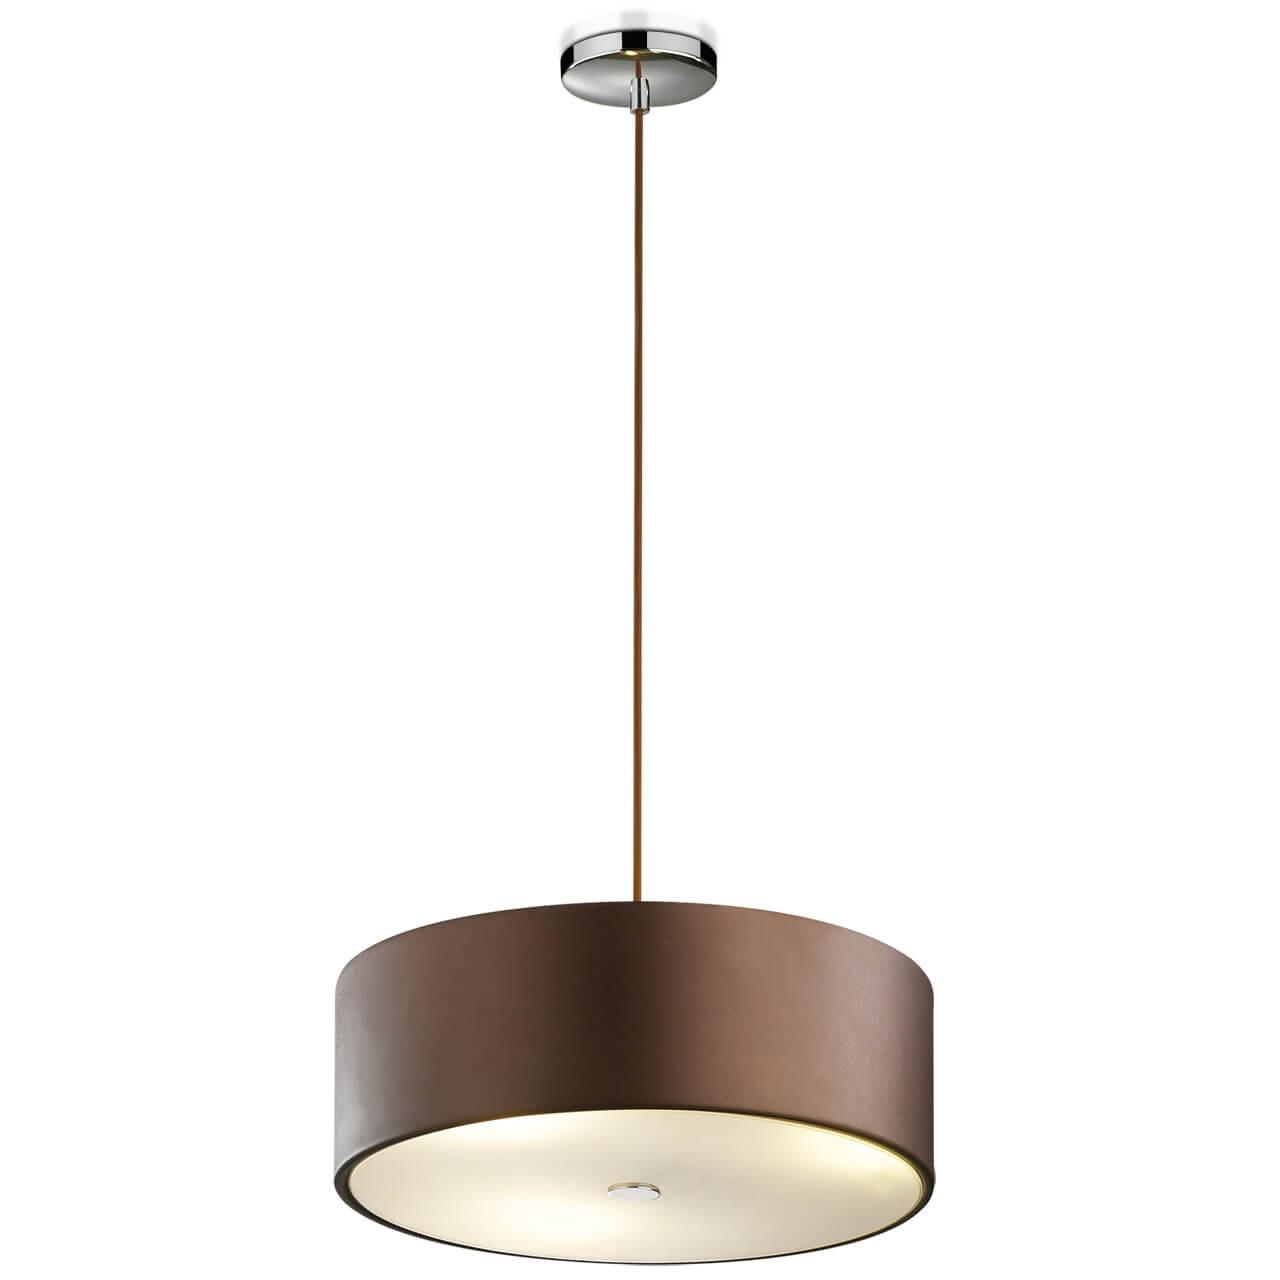 Подвесной светильник Odeon Light Salar 2047/3 все цены